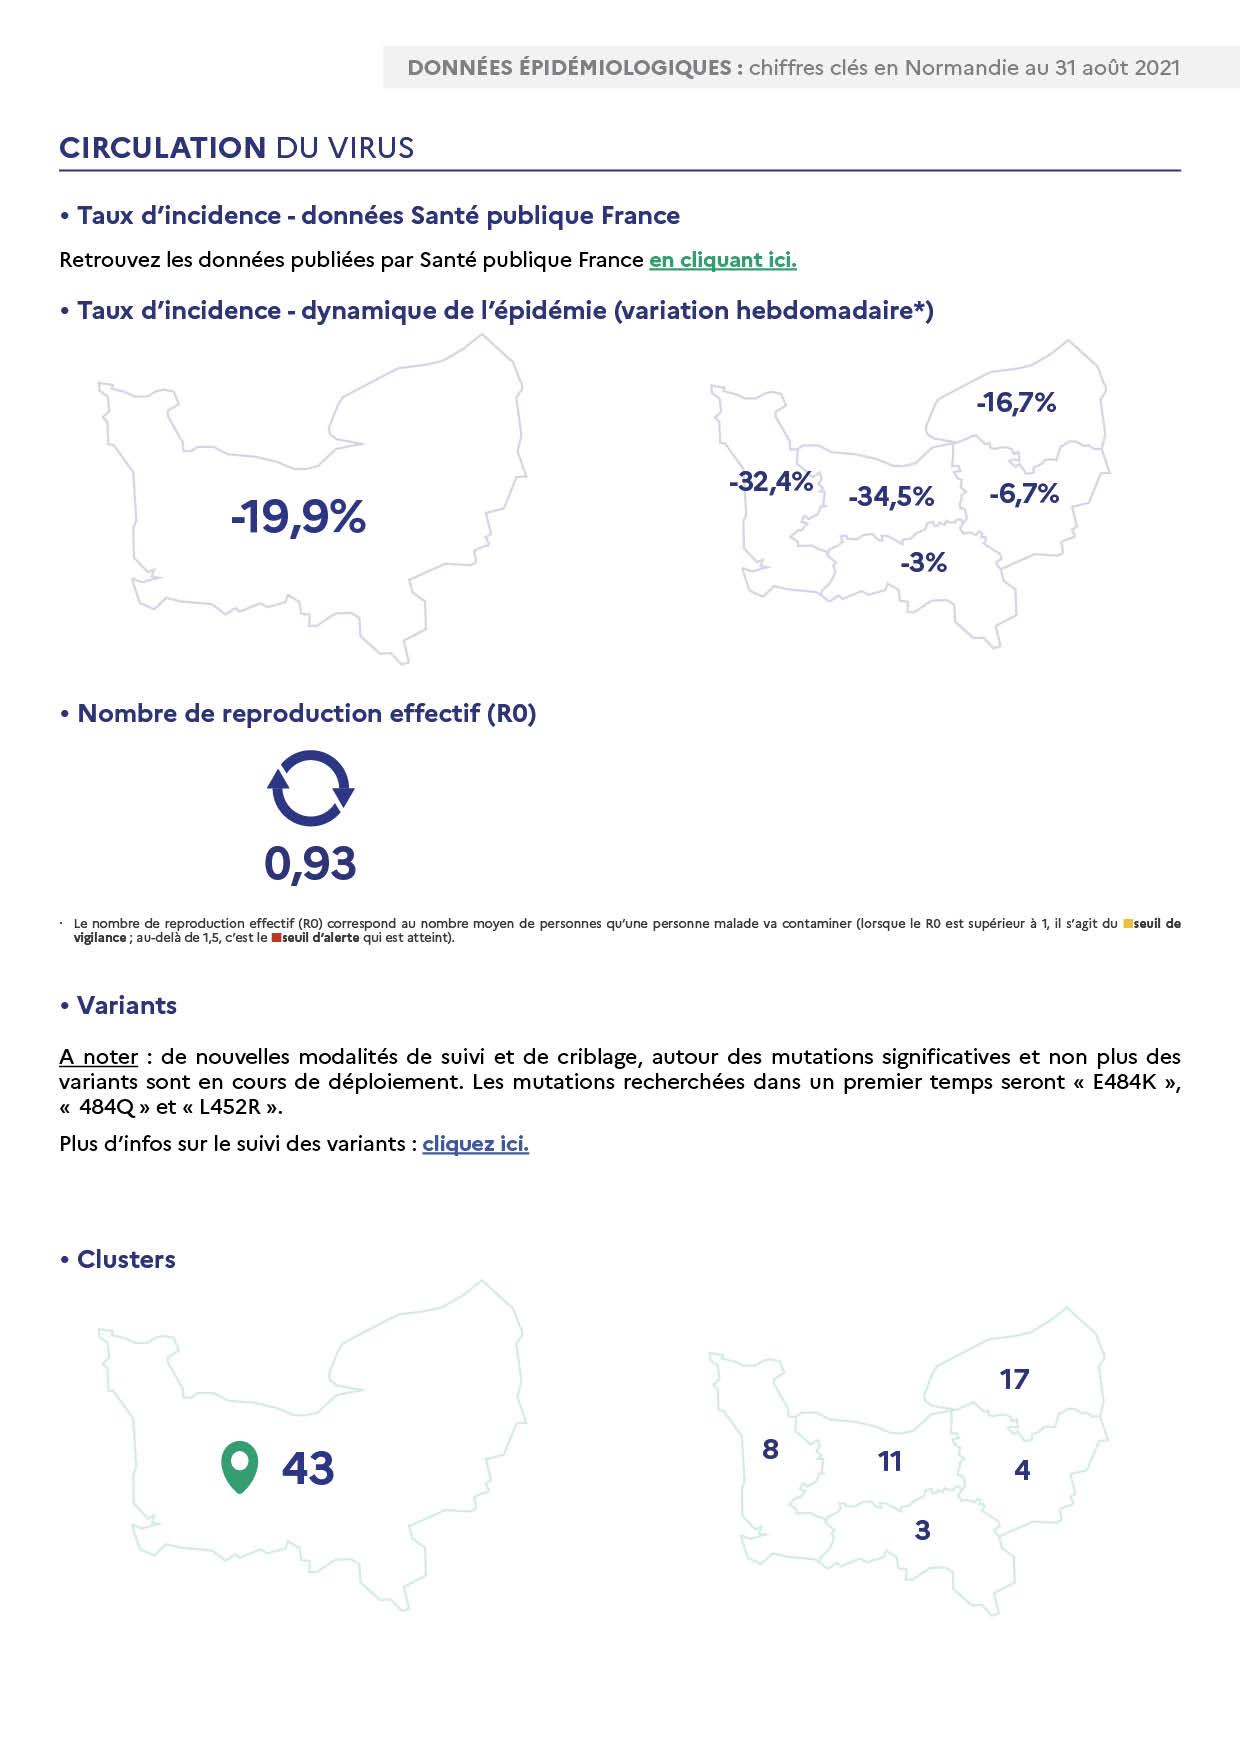 Données épidémiologiques : Chiffres clés en Normandie au 31 août 2021 page 1